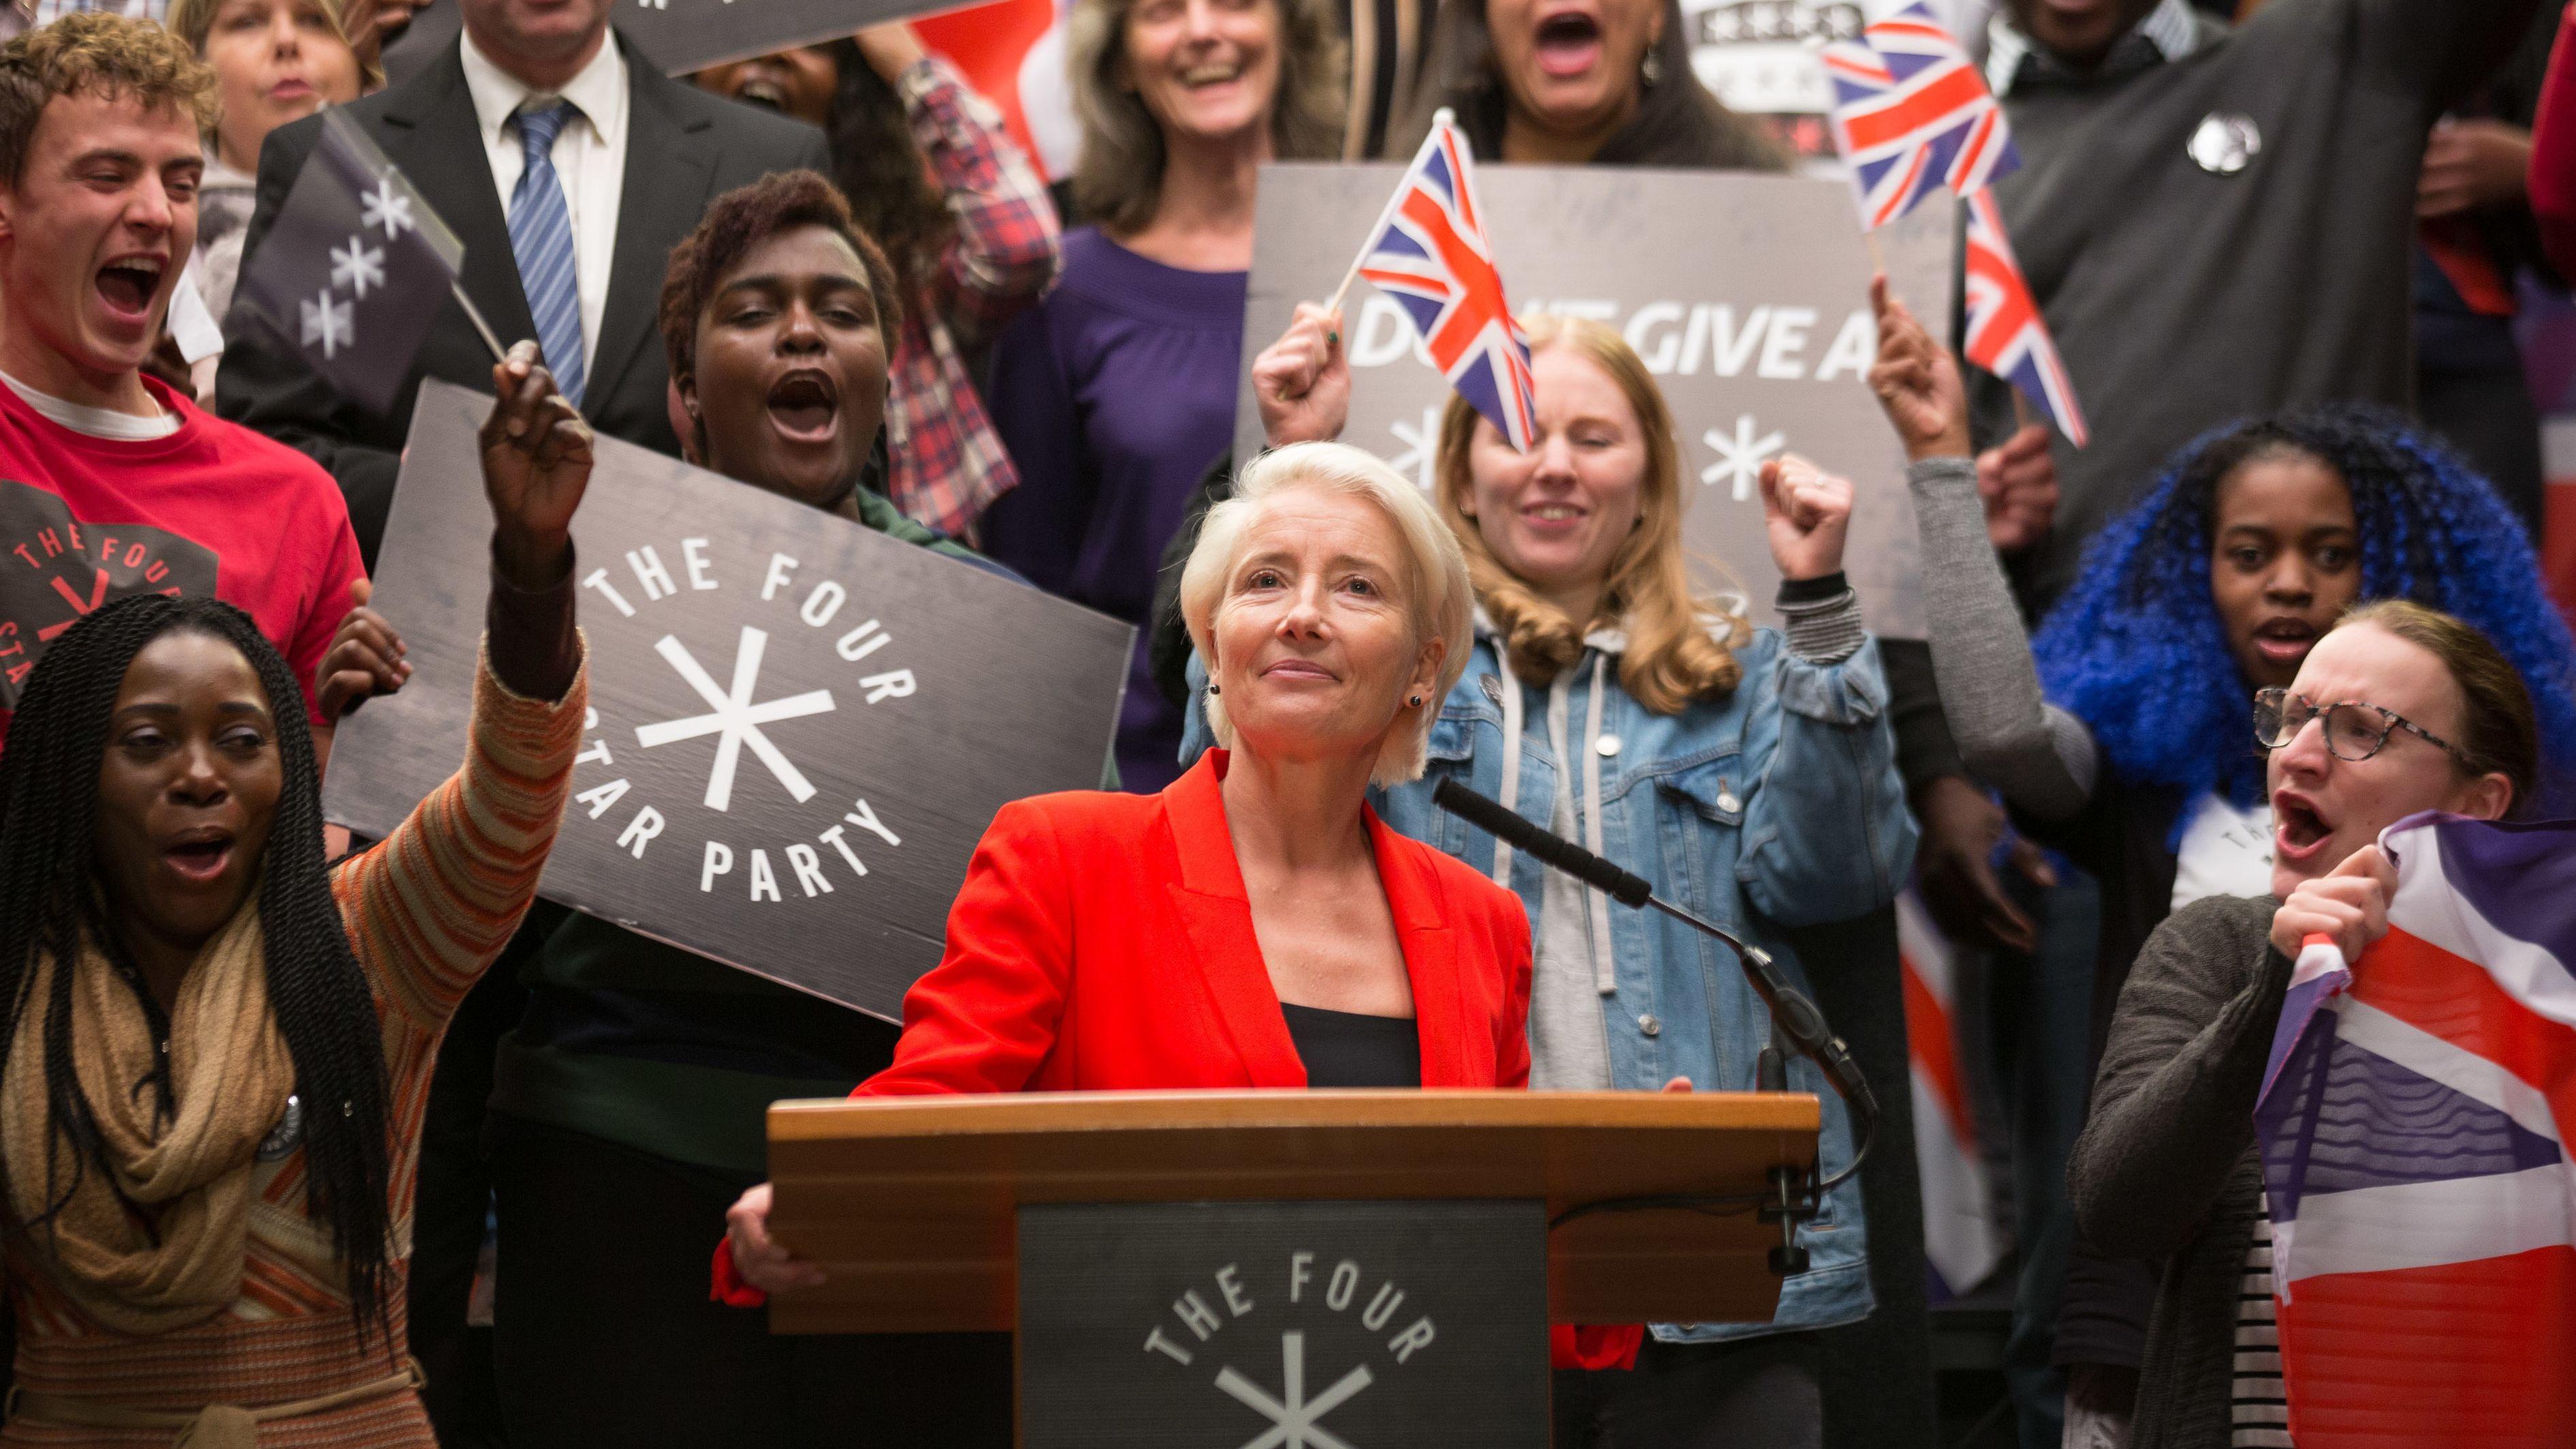 """Die Politikerin Vivienne Rook hält vor ihren Anhängern eine Rede i der Serie """"Years and Years""""."""